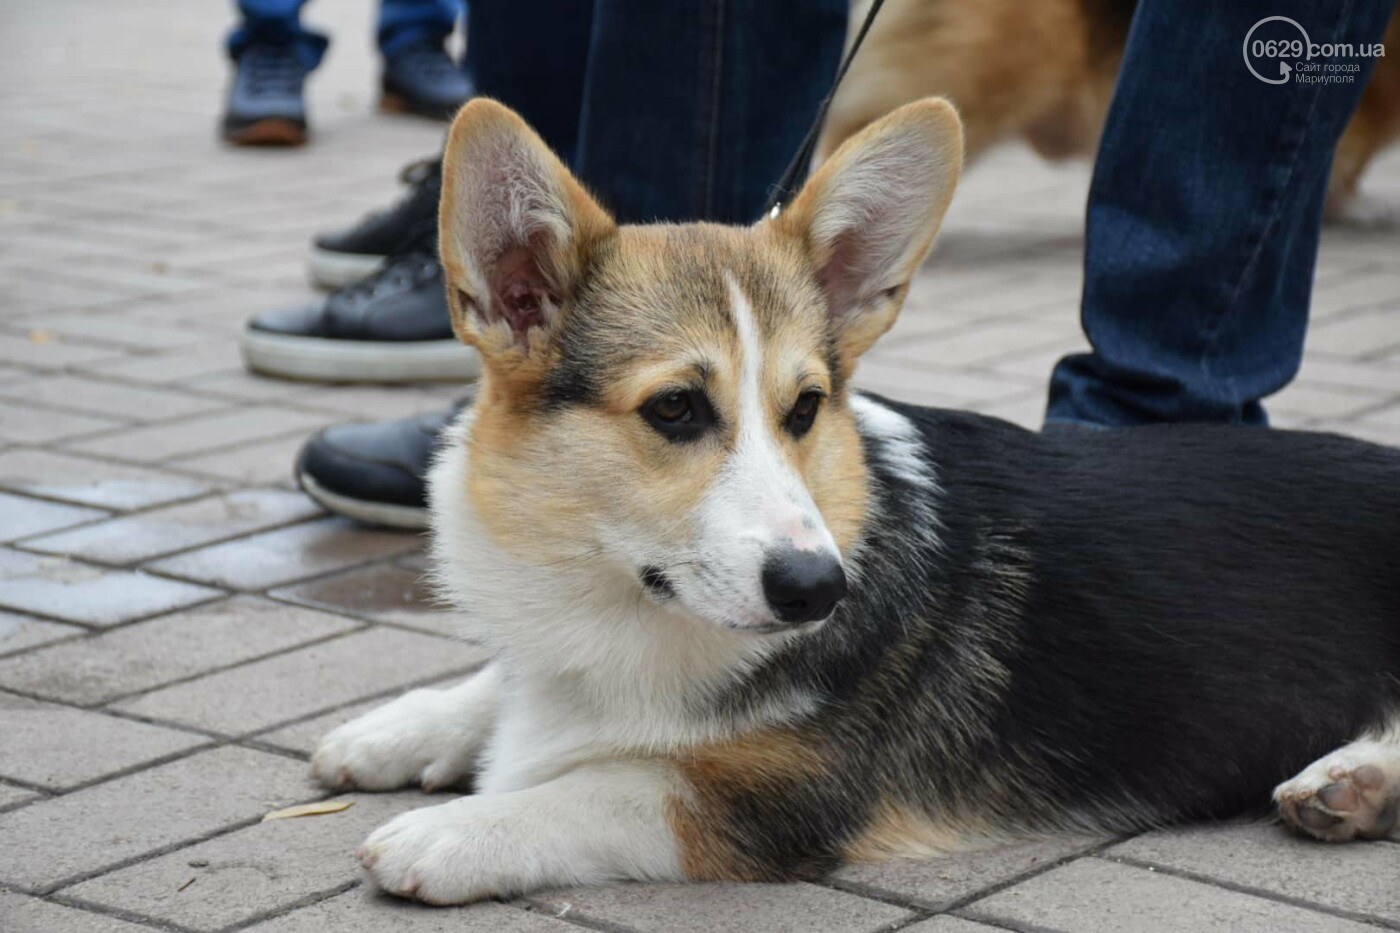 В Мариуполе выбрали лучшую собаку осени, - ФОТОРЕПОРТАЖ, фото-2